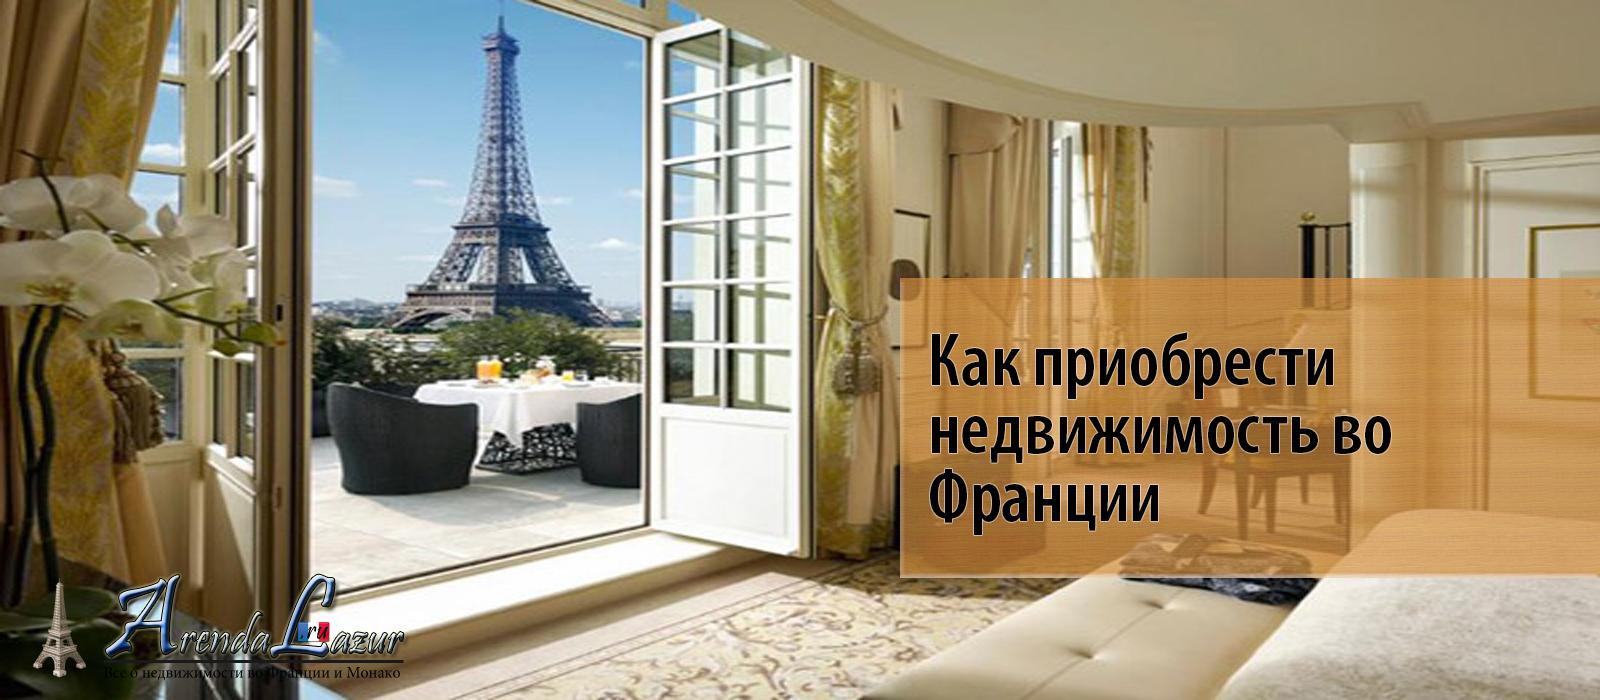 Недвижимость Франции от CofranceSARL